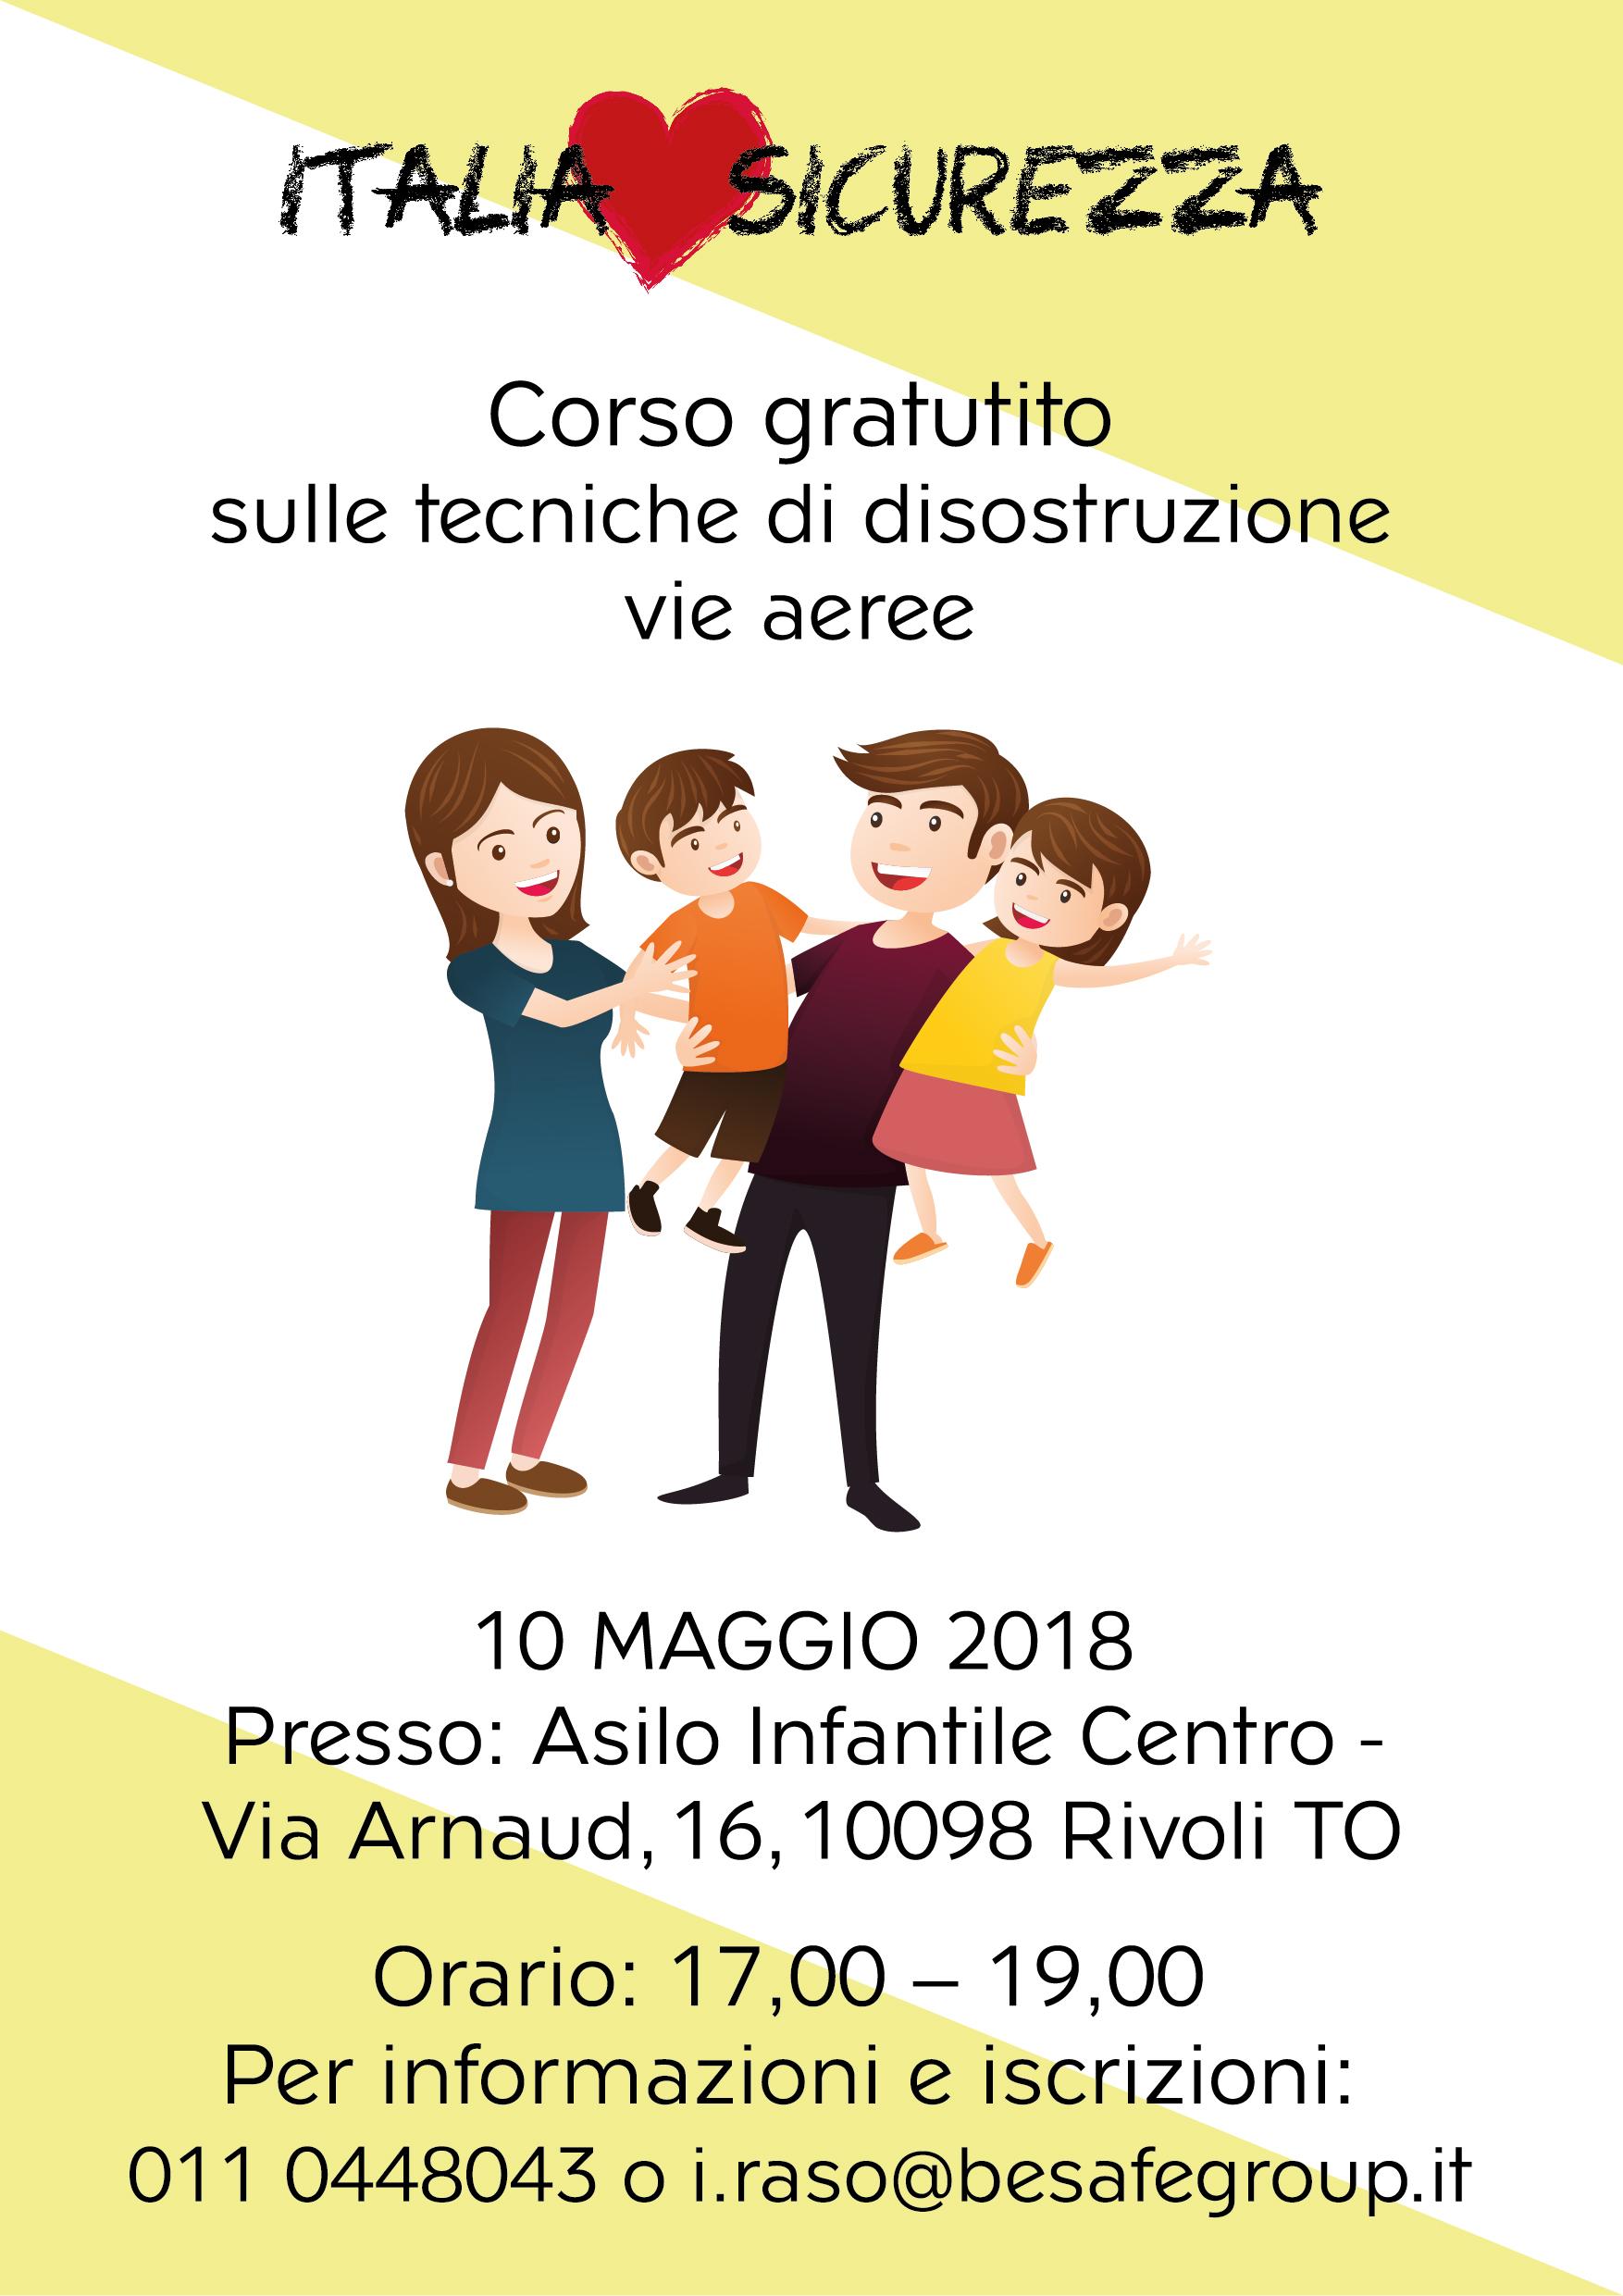 https://www.fondlhs.org/wp-content/uploads/2018/05/10maggio-Corso-ostruzione-via-aeree-01.jpg